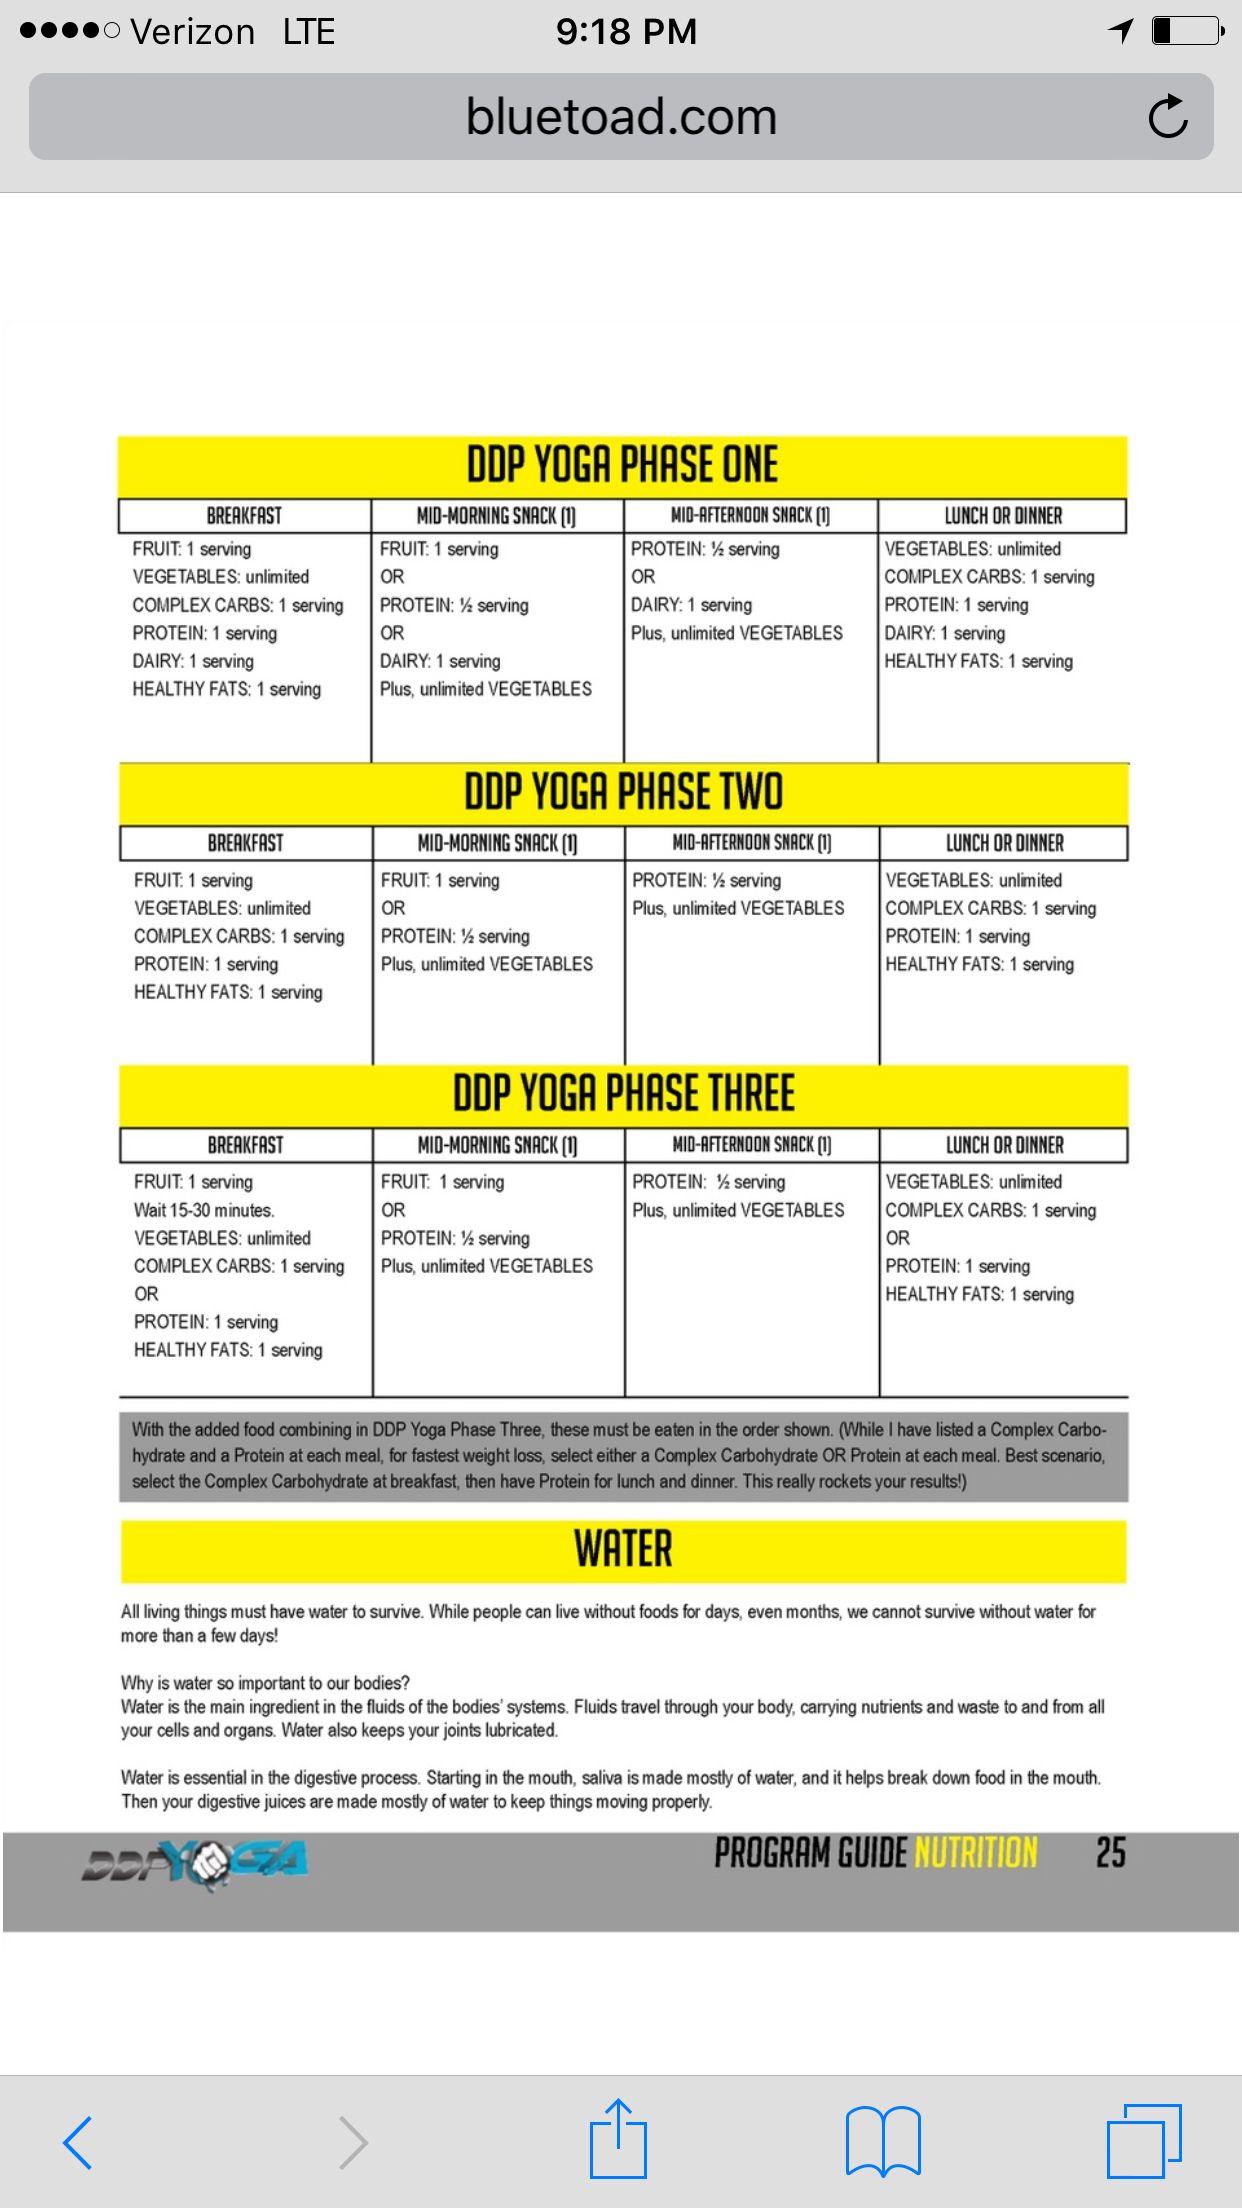 Ddp Yoga Beginner Schedule : beginner, schedule, Diet,, Yoga,